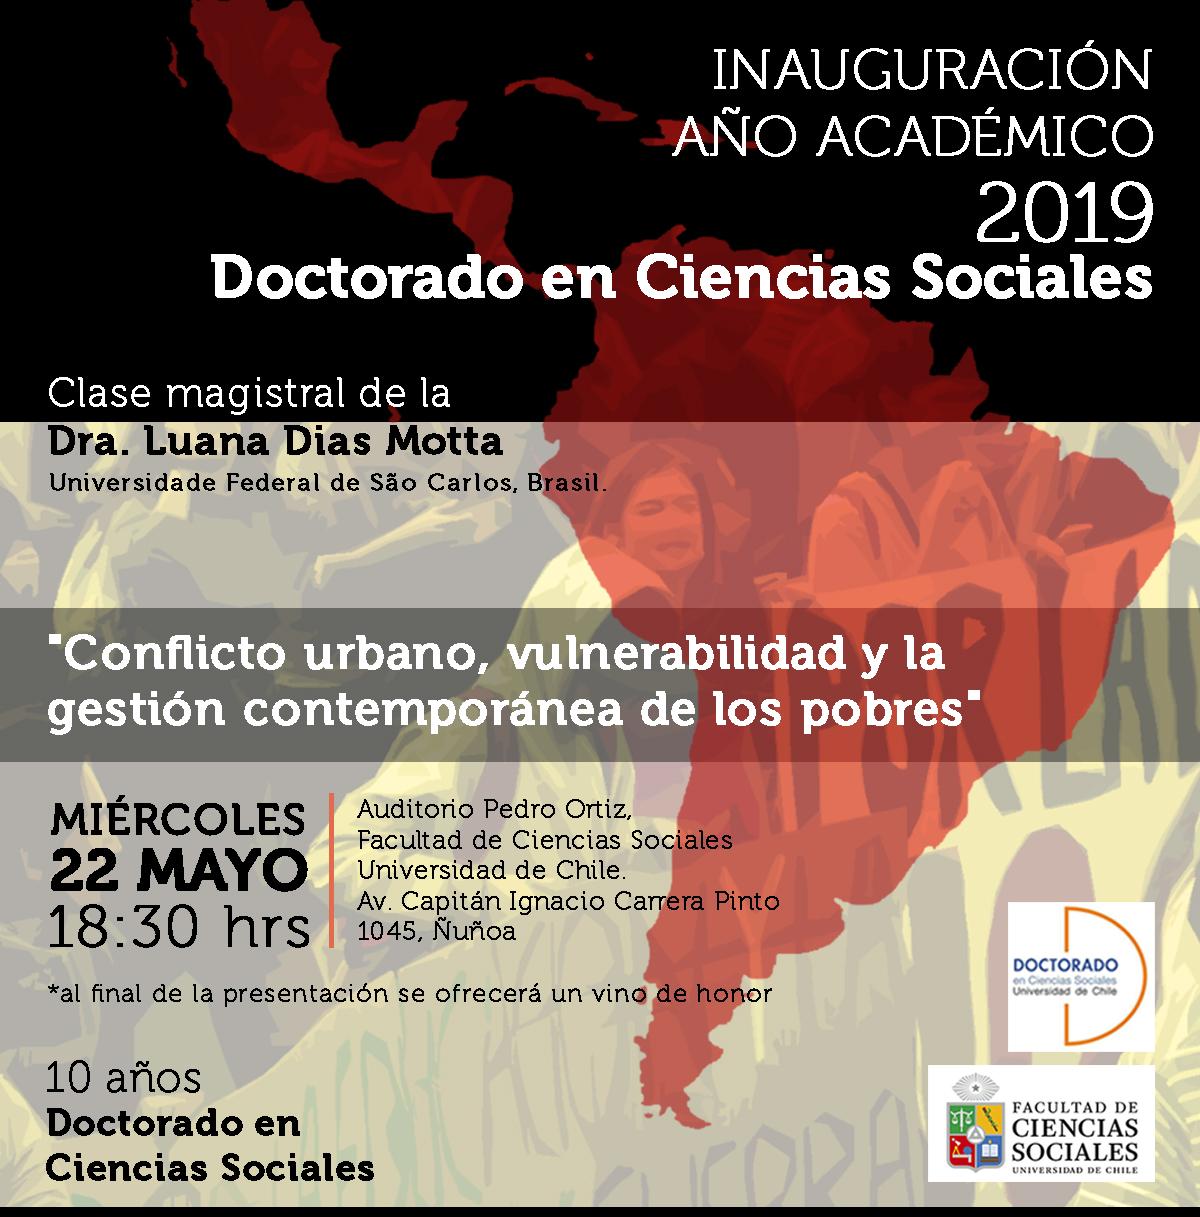 Inauguración año académico 2019 Doctorado en Ciencias Sociales